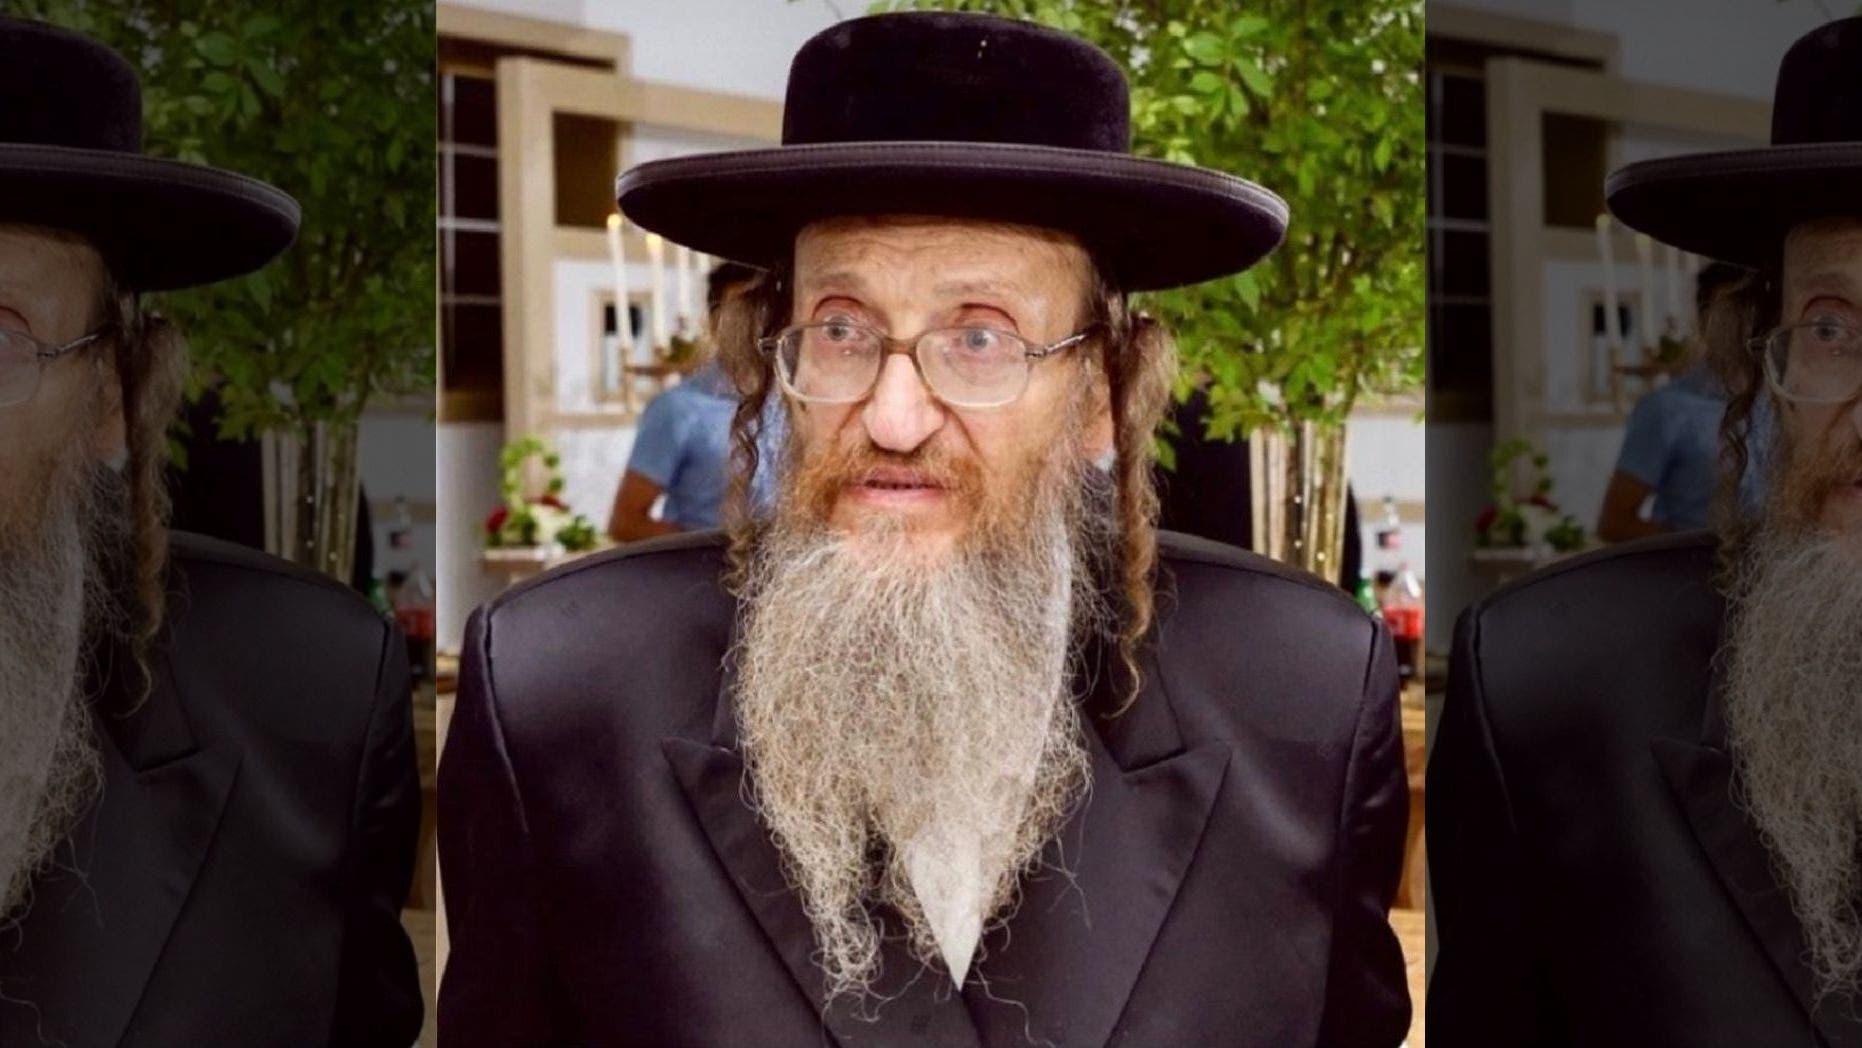 Monsey Hanukkah stabbing victim Josef Neumann dies three months after attack